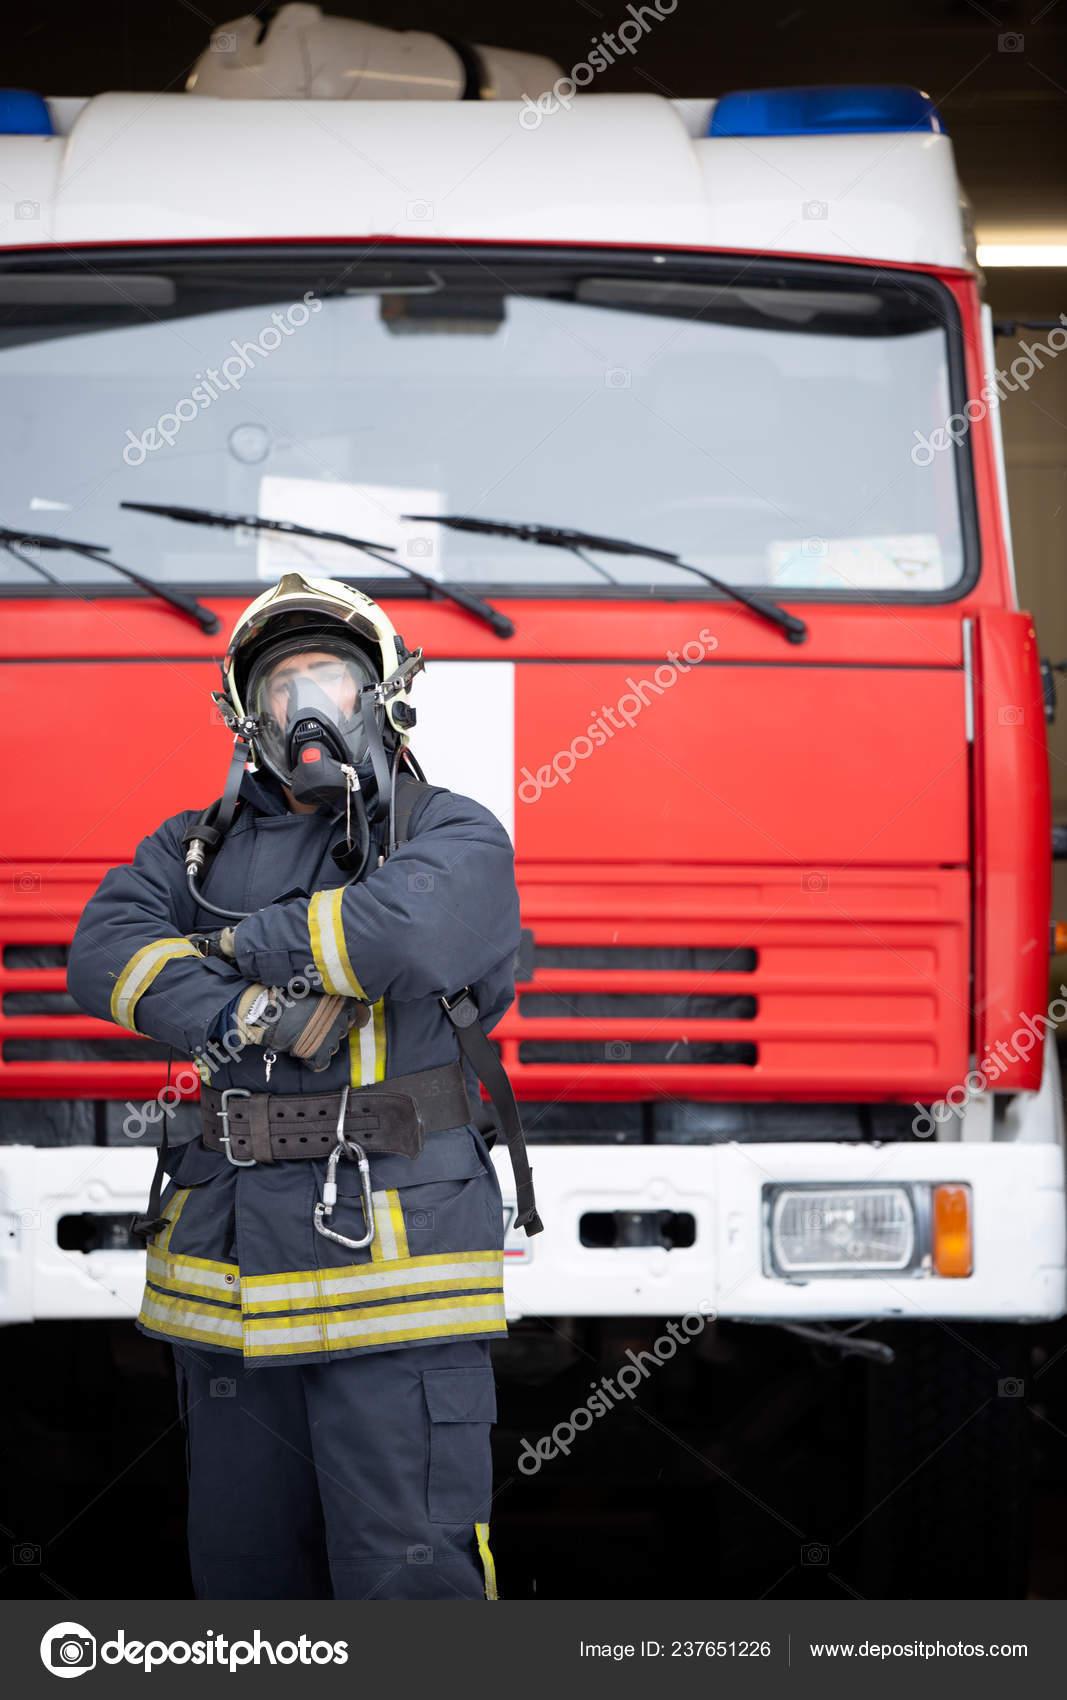 mignonne style actuel dans quelques jours Photo de pompier de l'homme au masque de gaz près de camion ...